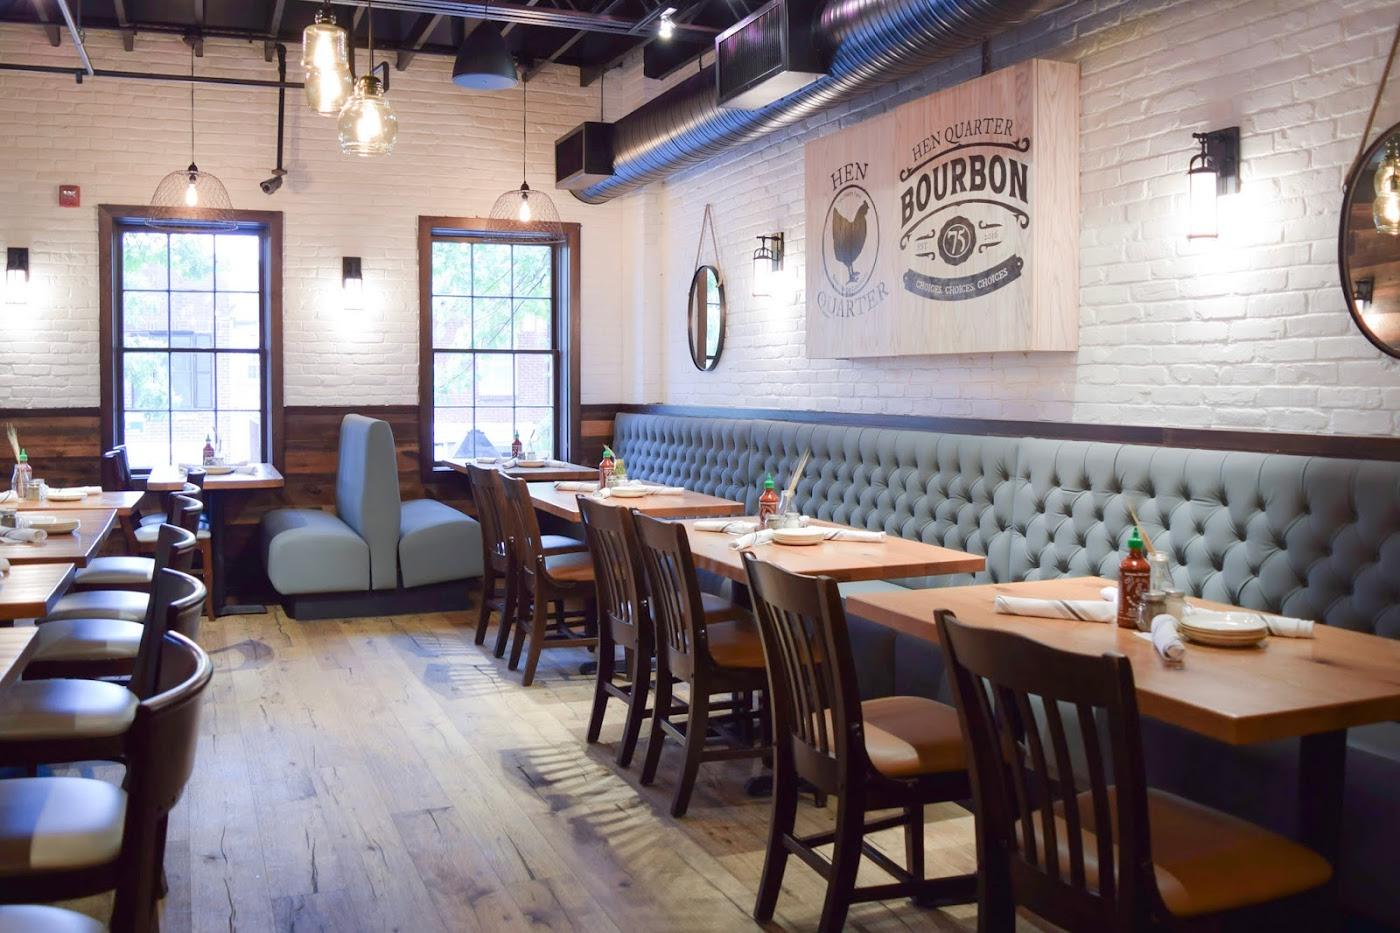 Hen Quarter Restaurant